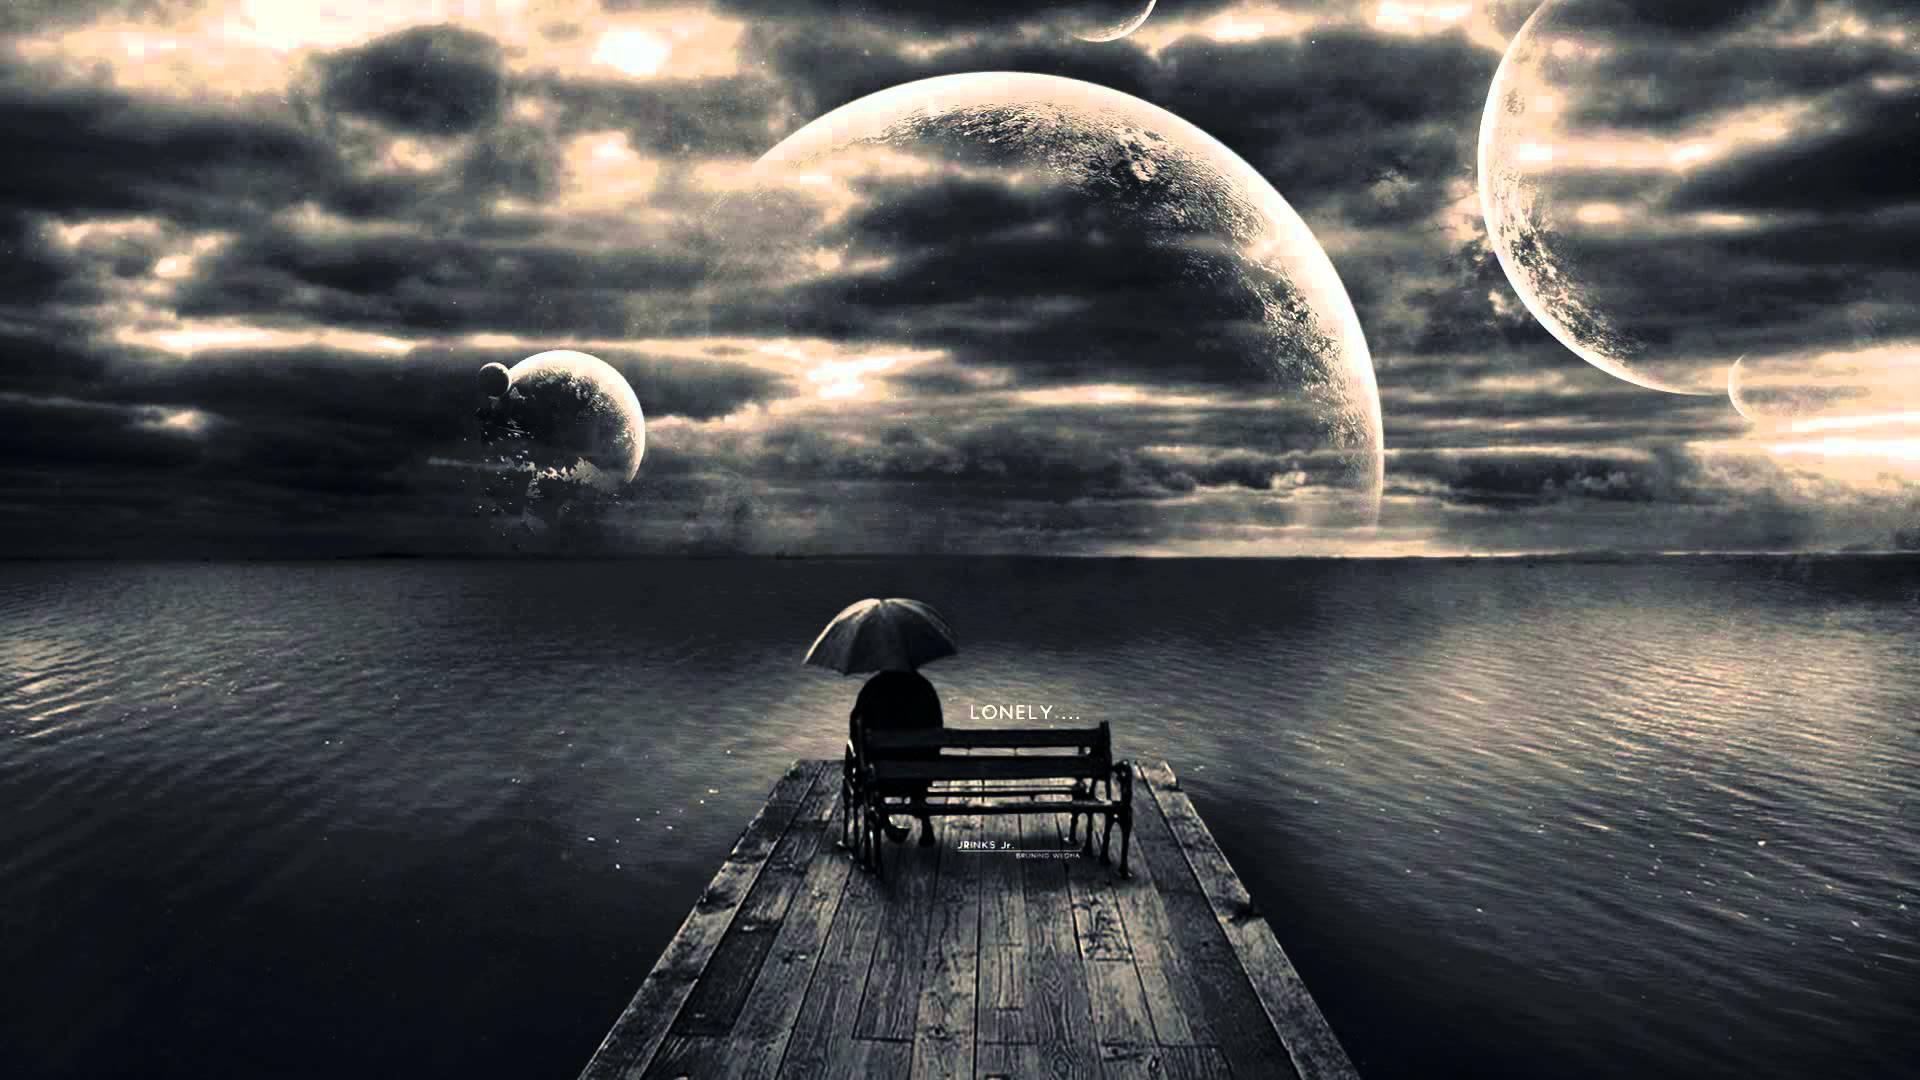 Hình nền mang tâm trạng buồn, cô đơn chờ đợi